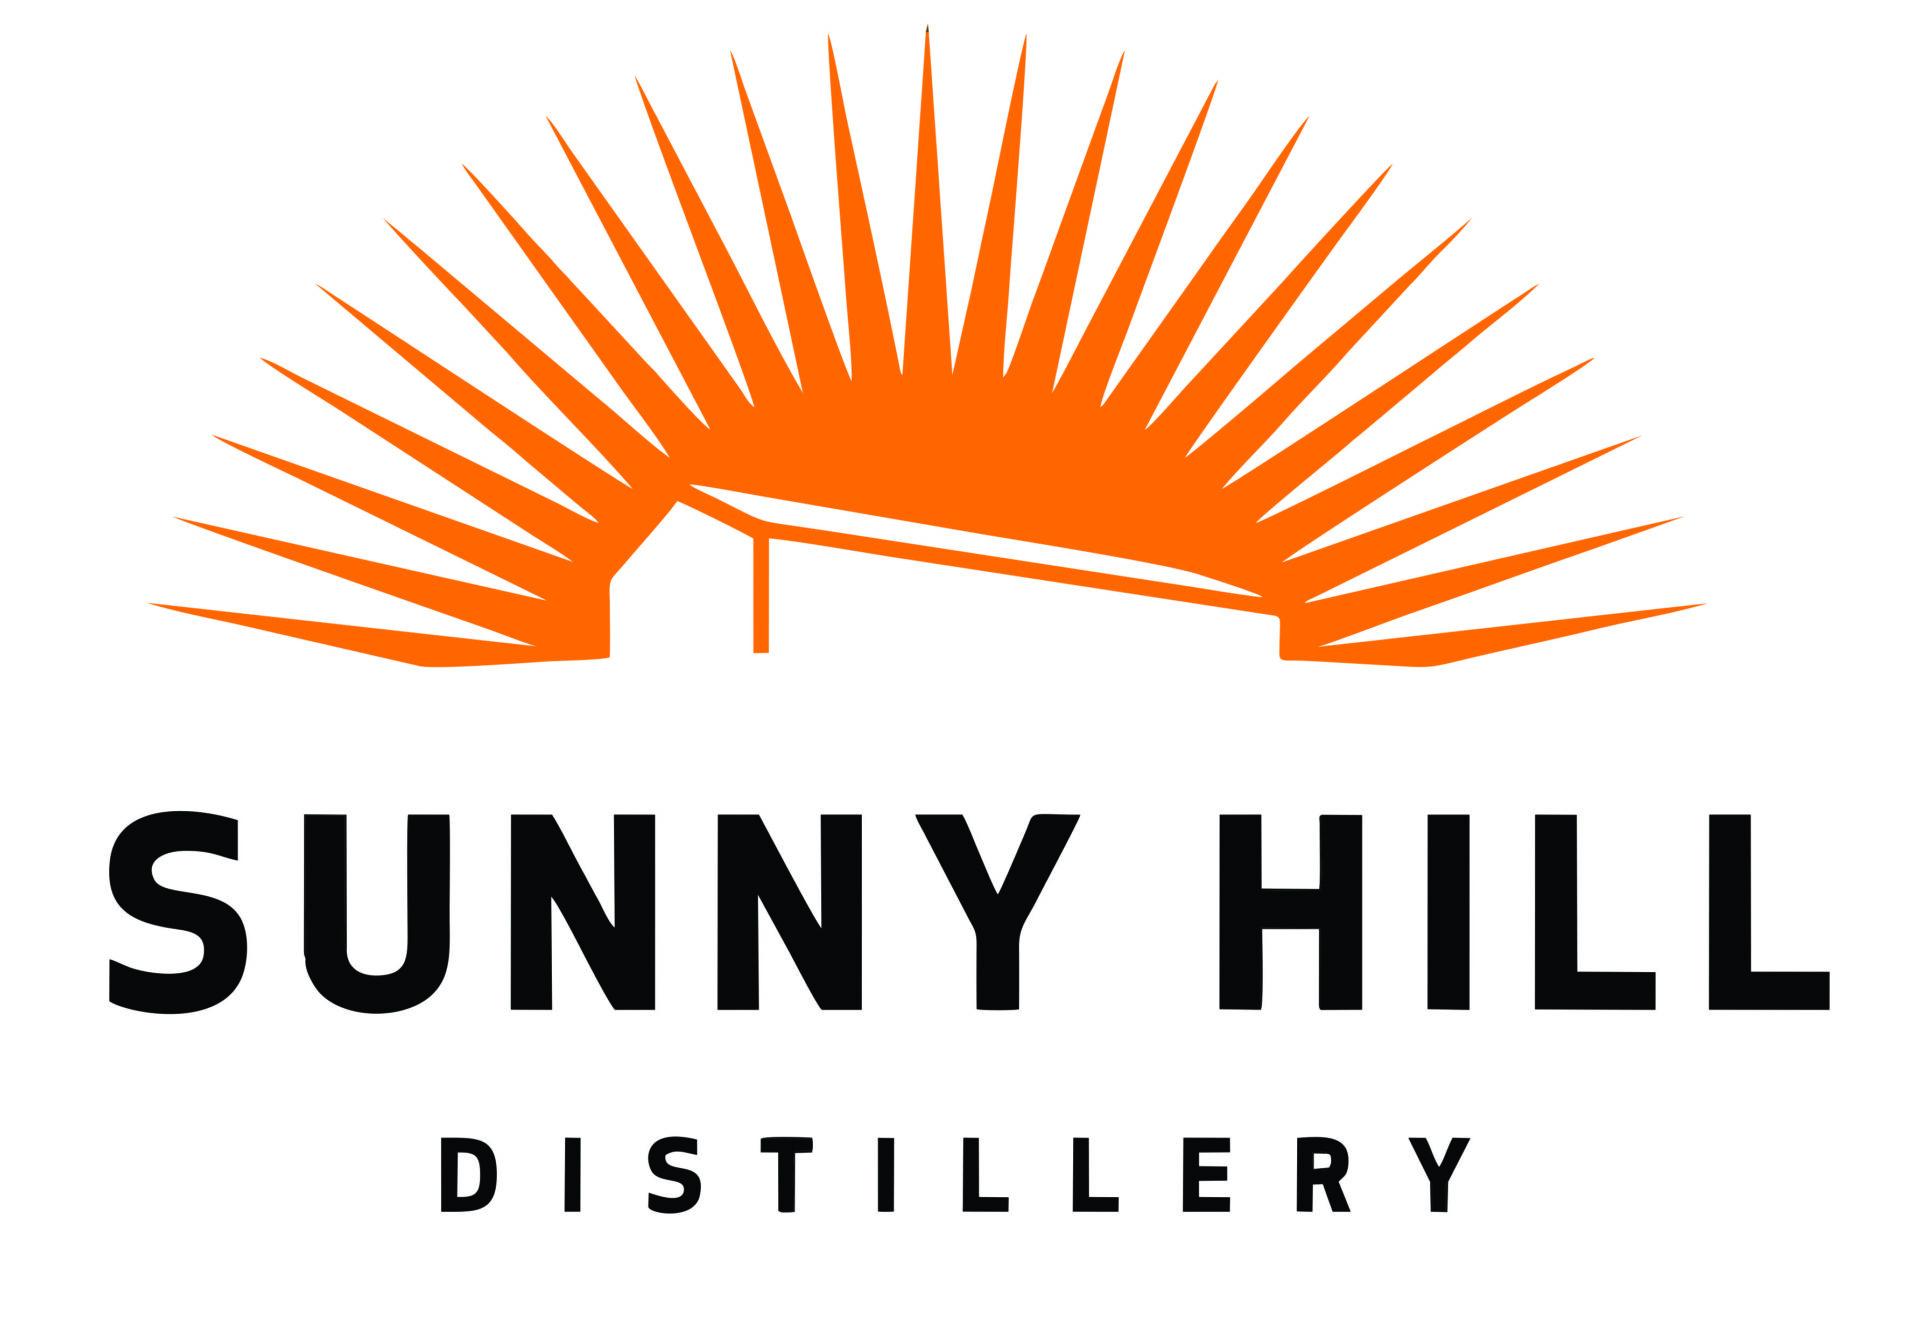 Sunny Hill Distillery